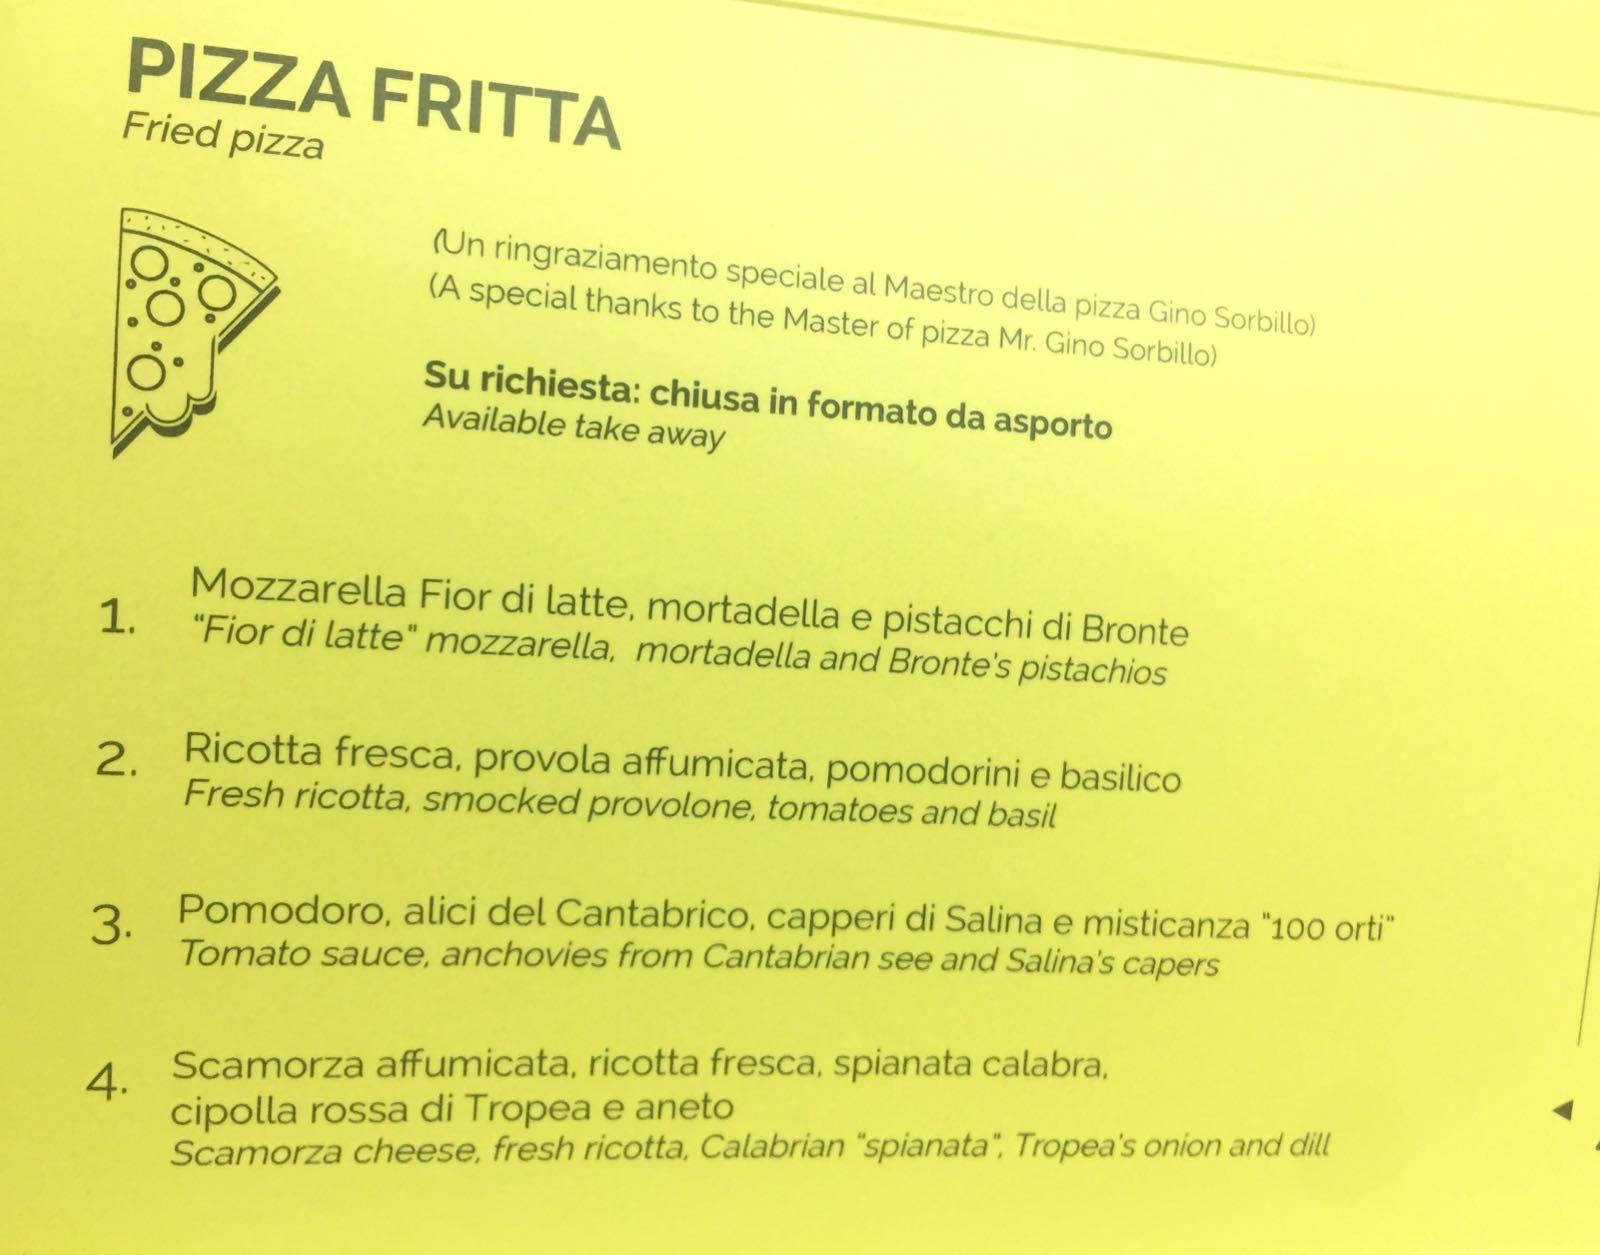 pizza-fritta-menu-el-coq-vicenza